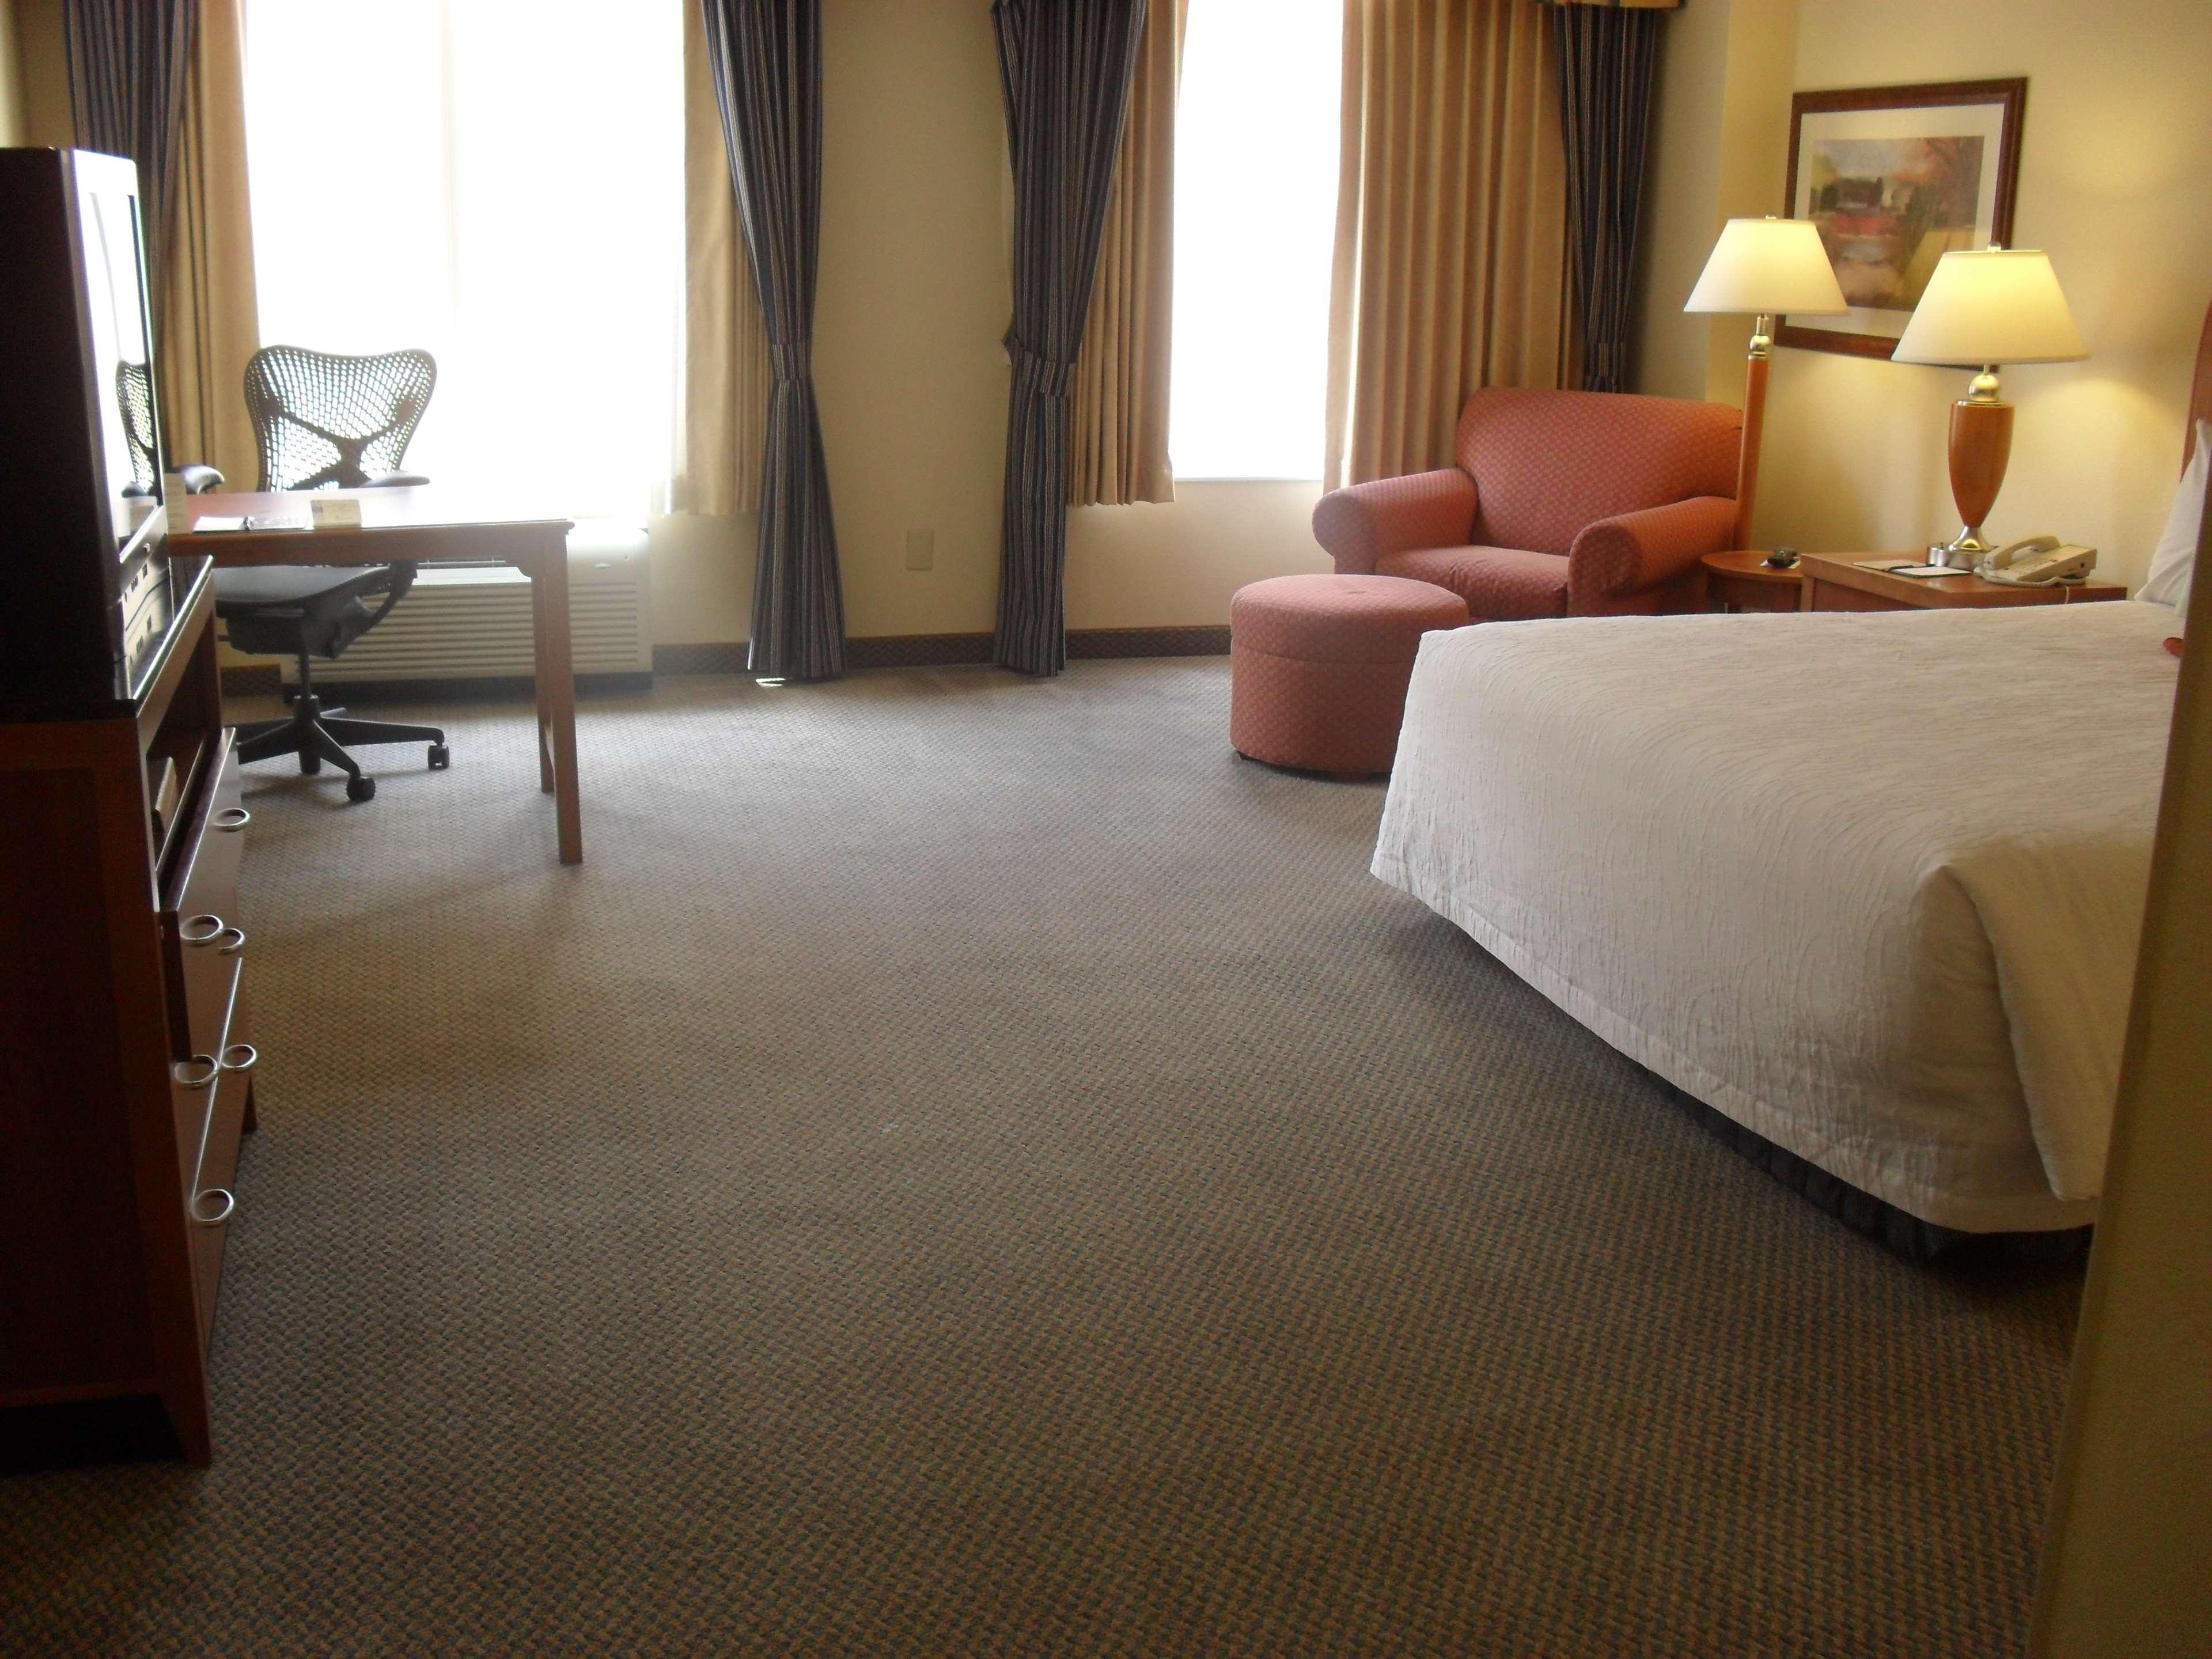 Hilton Garden Inn Albany image 0